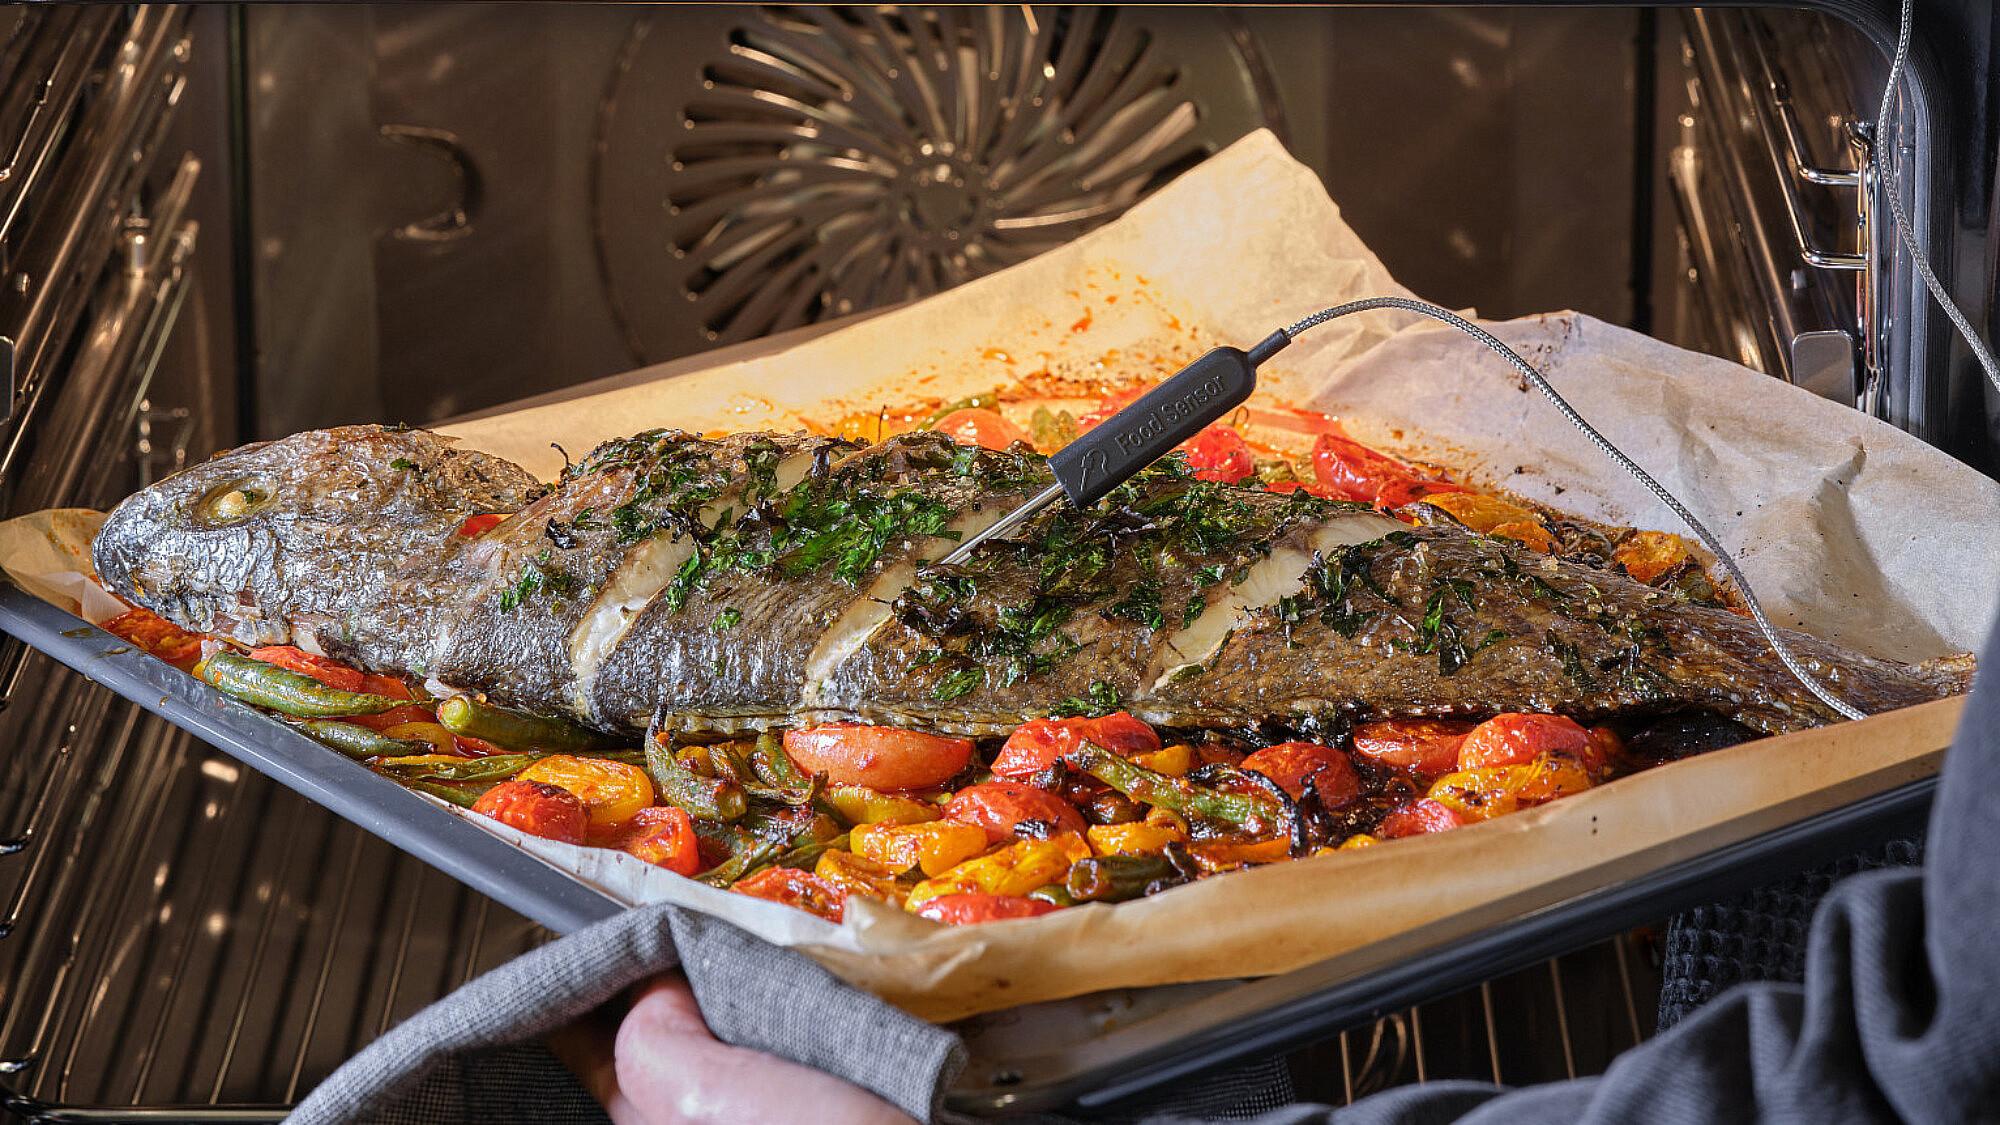 דג שלם בתנור על עגבניות שרי ושעועית ירוקה באריסה של שף אודי ברקן. צילום: אנטולי מיכאלו. סטיילינג: ענת לבל